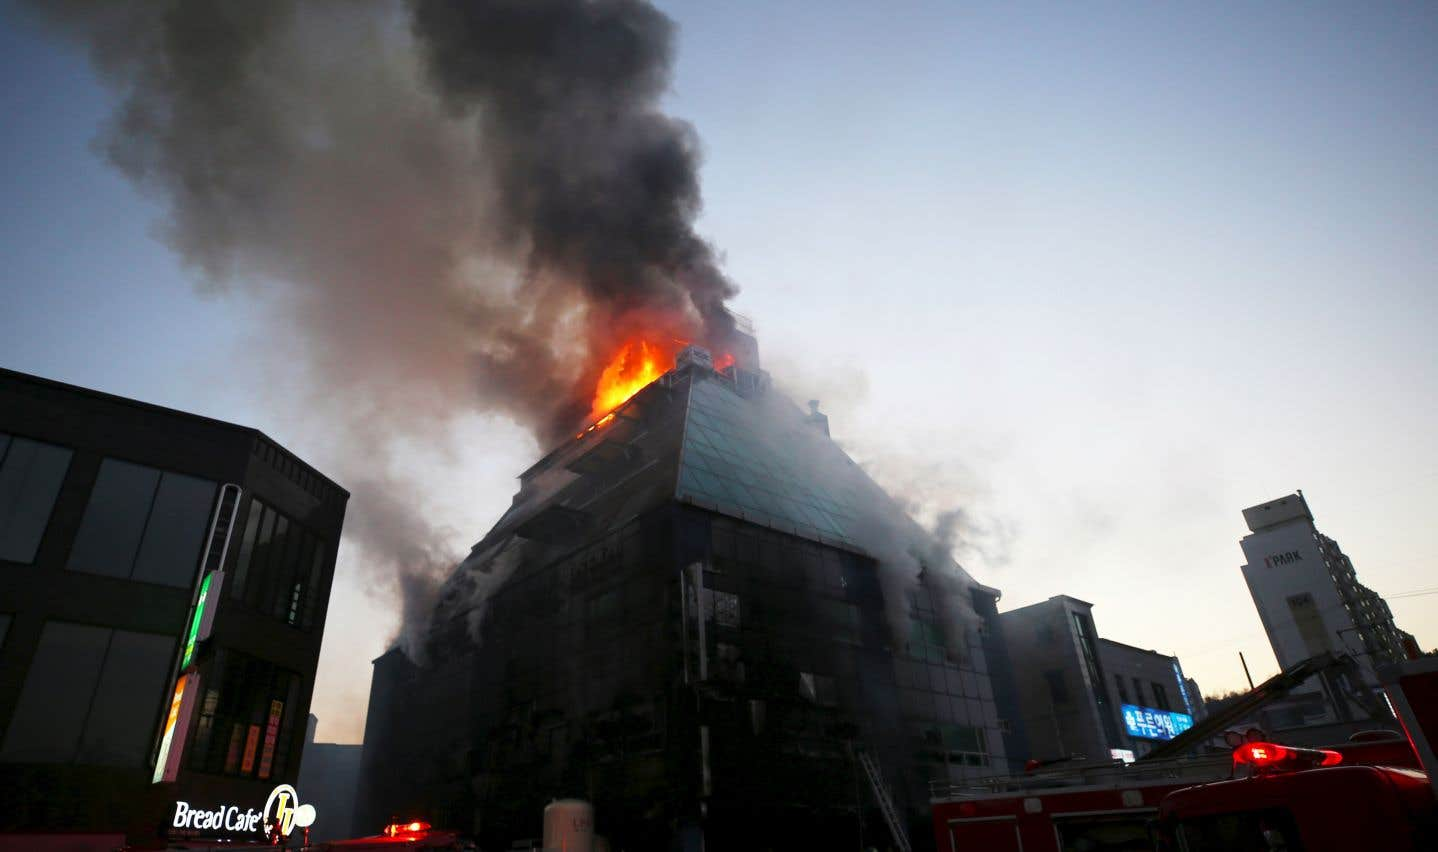 L'incendie s'est déclaré dans un bâtiment de huit étages abritant un centre de sports, un bain public et des restaurants.